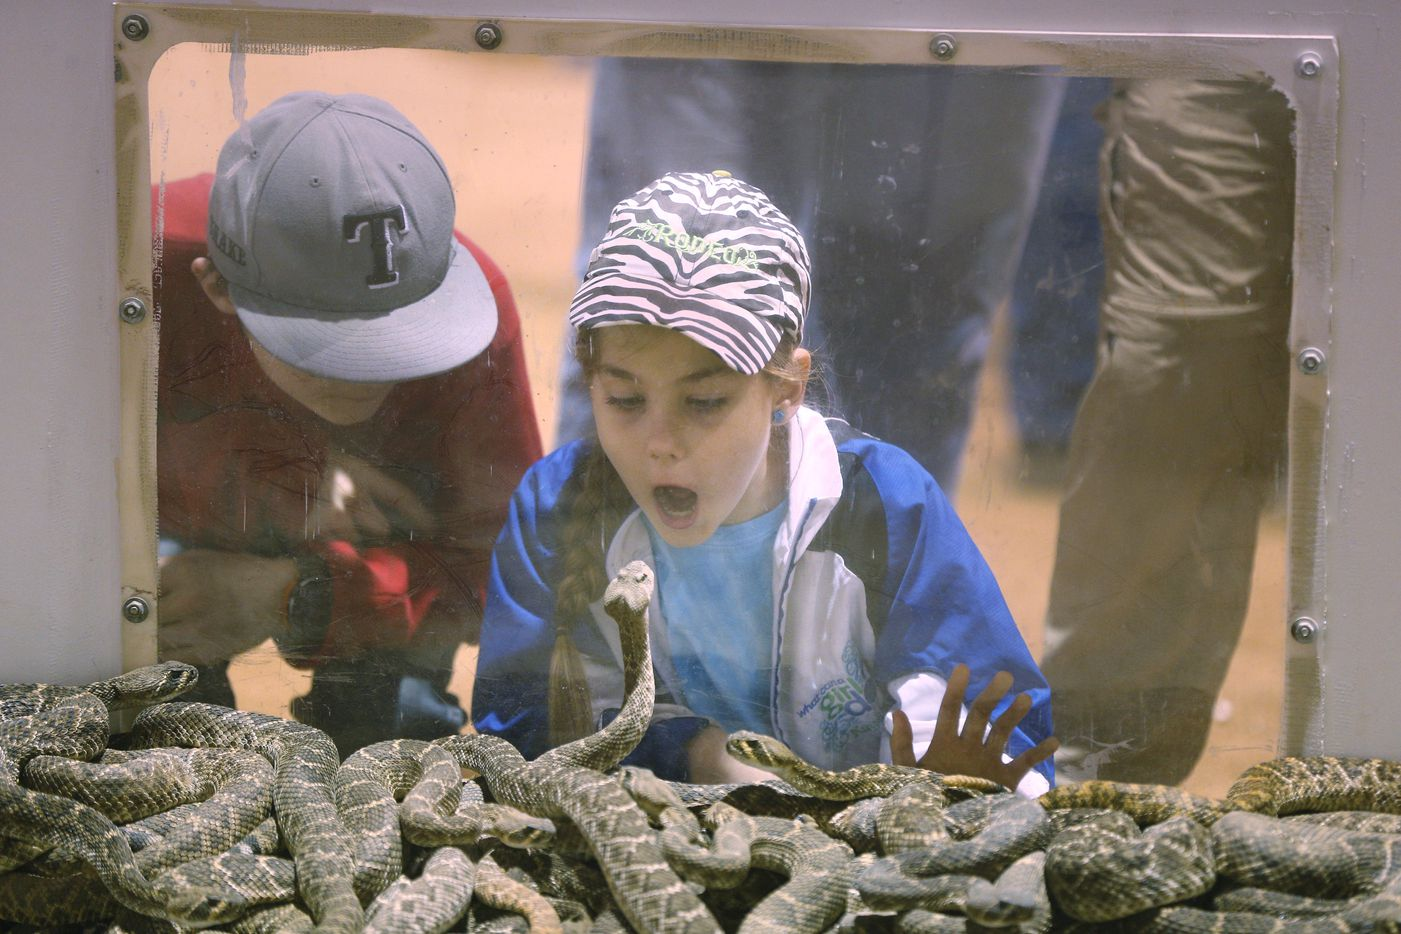 Bramhan Matschek, 12, and his sister Kaydence Matschek, 9, watch a snake watching them at Nolan County Coliseum.